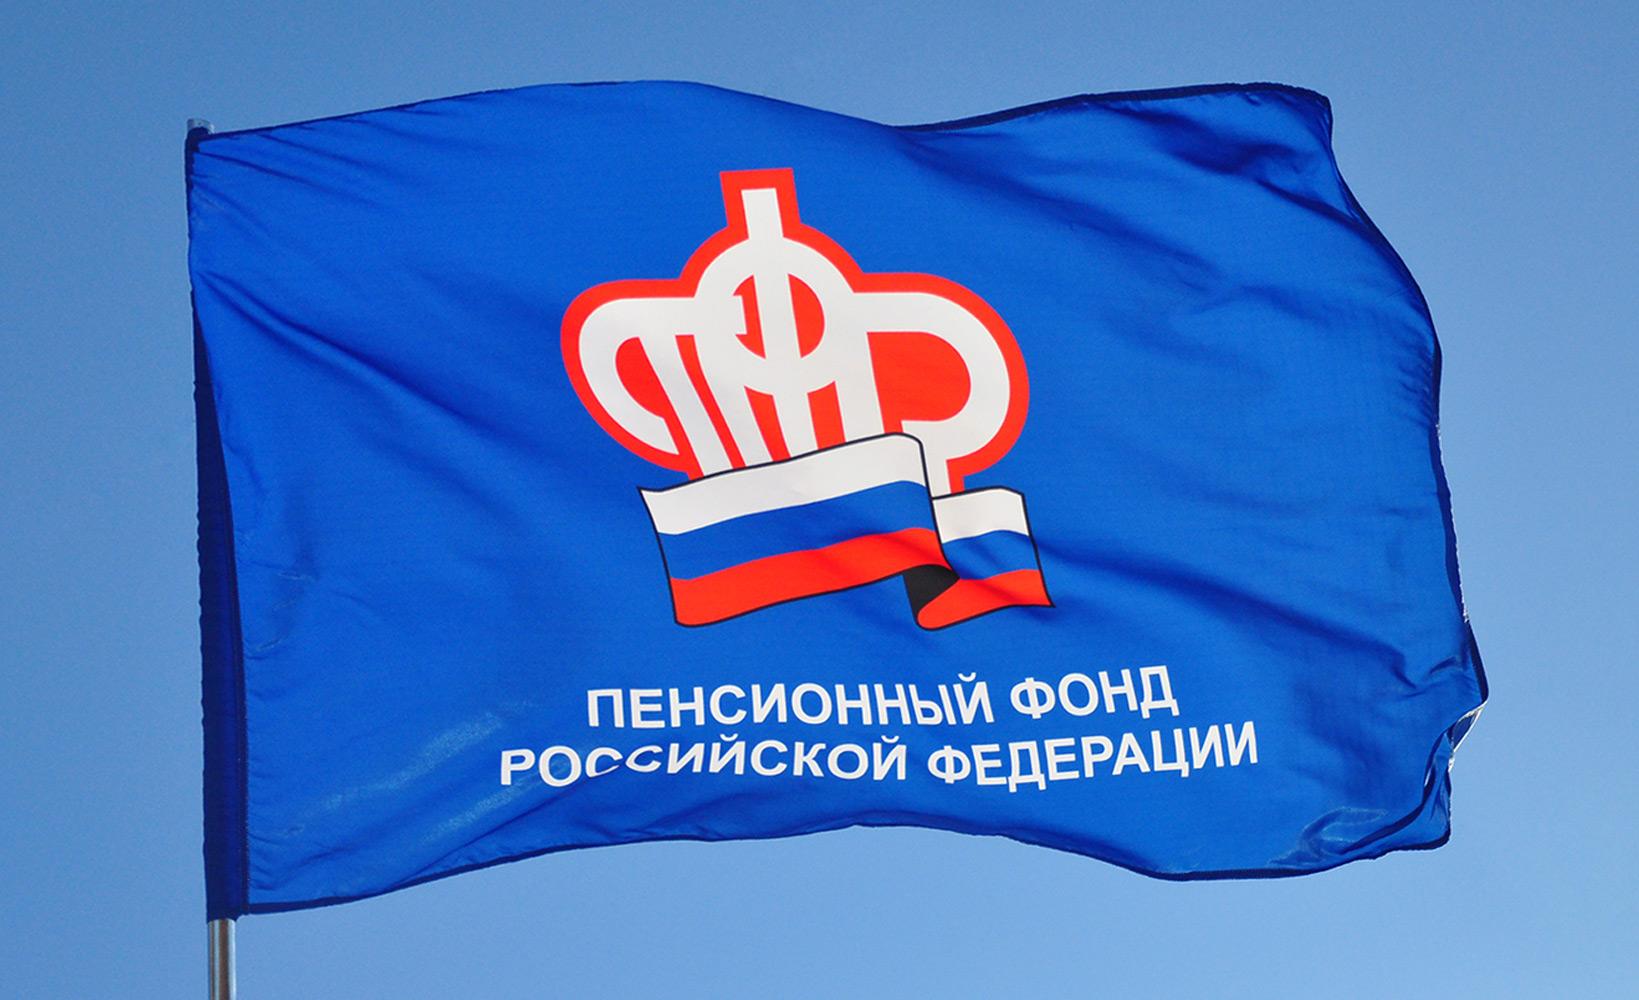 taganrogprav.ru